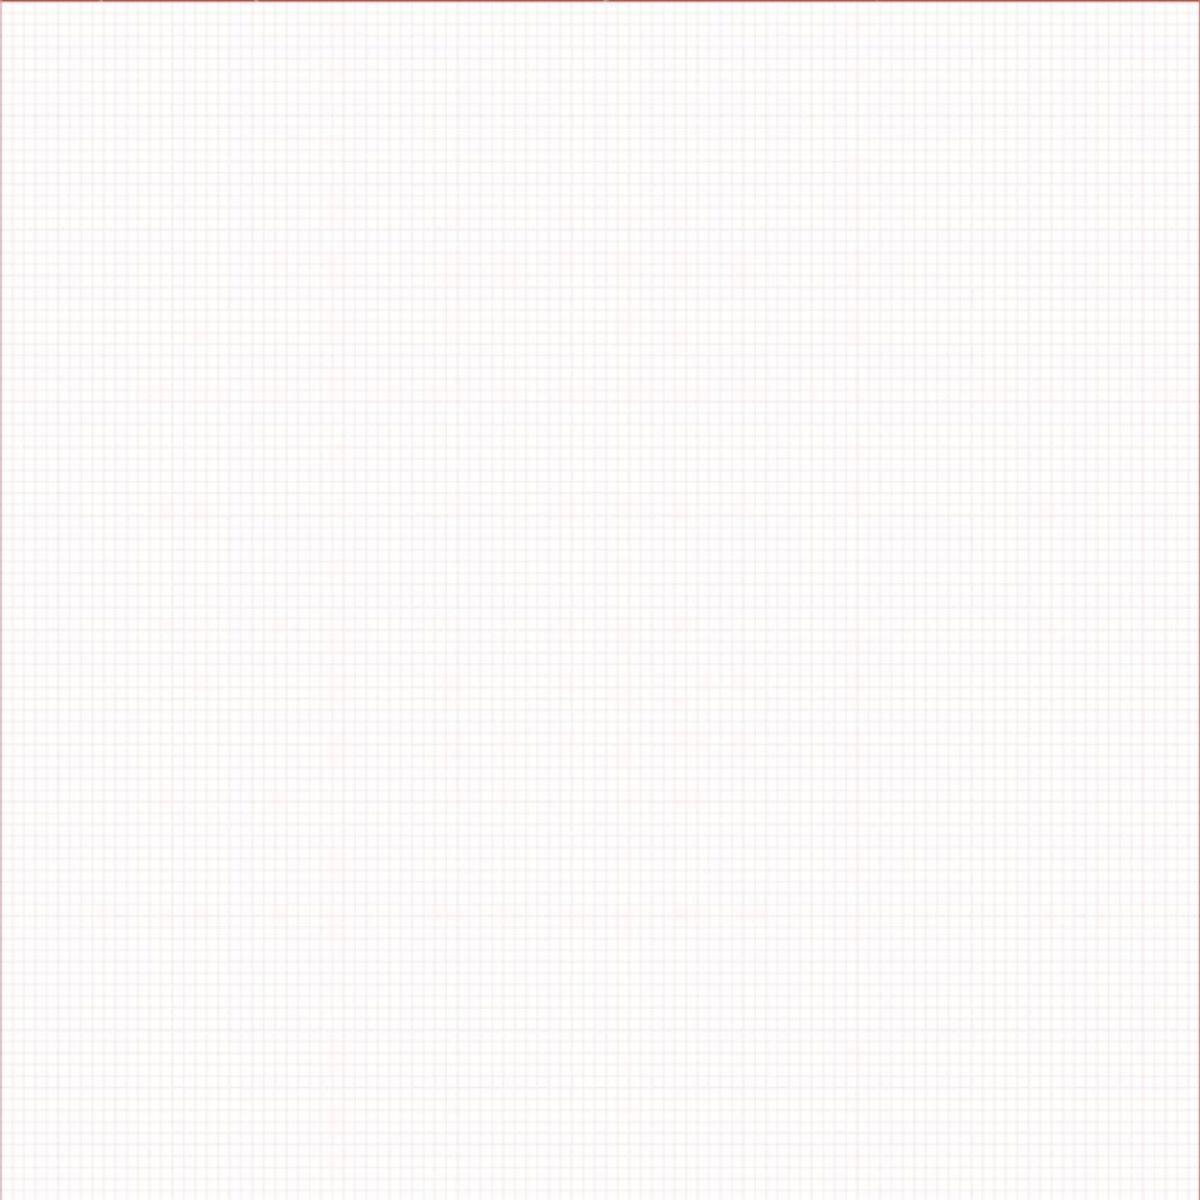 Έντυπα Μηχανογράφησης - ofa7636